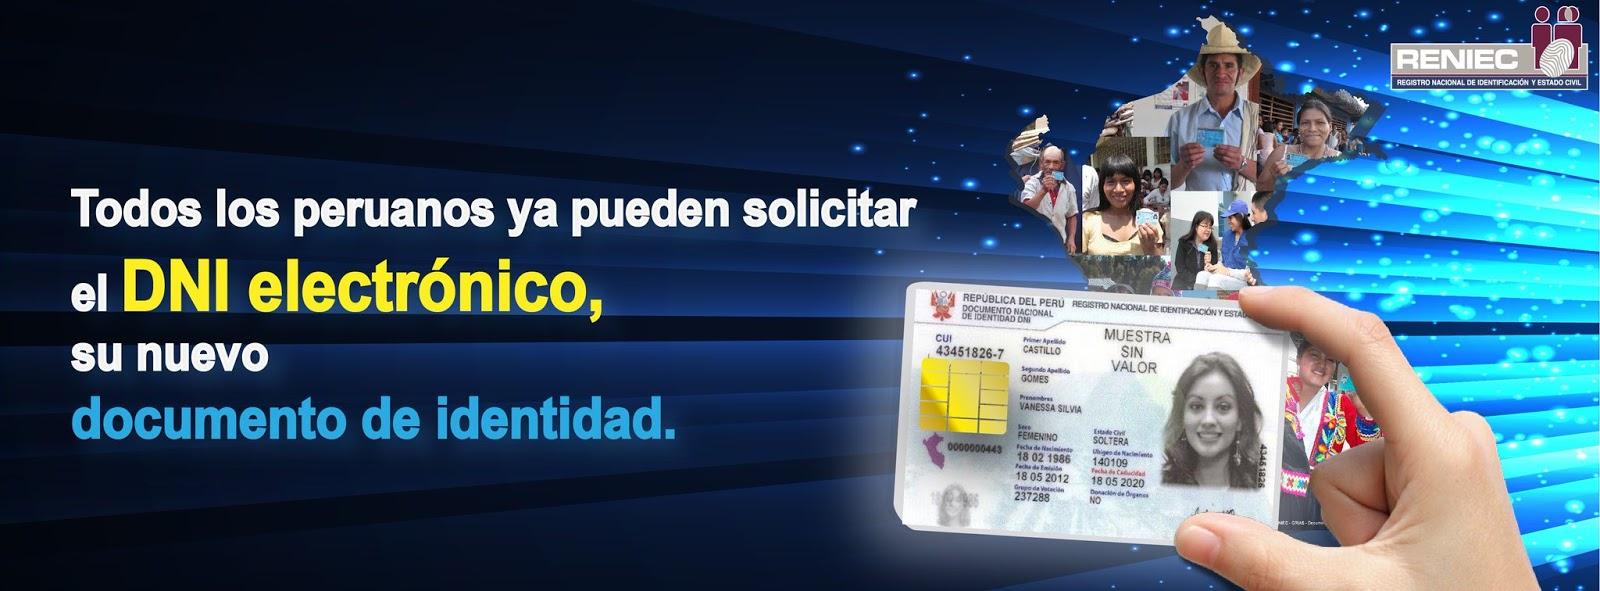 DNI Electrónico (DNIe) Ya Puede Ser Solicitado Por Todos Los Peruanos